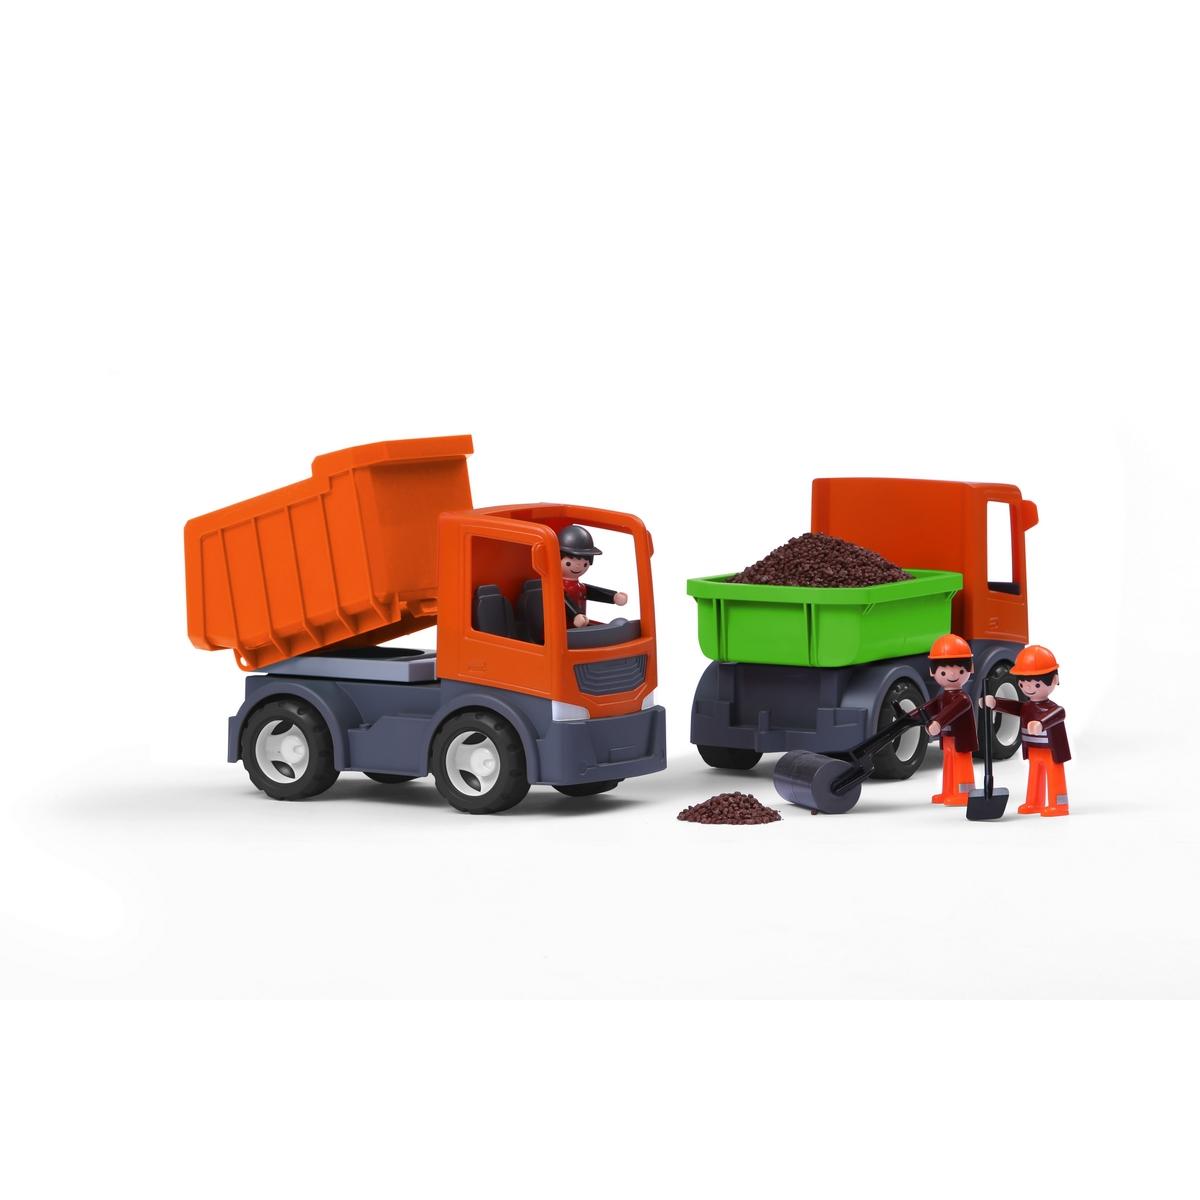 MultiGo Самосвал со сменными кузовами27051Самосвал MultiGo внесет разнообразие в игры с машинками, позволяя придумывать новые сюжеты. Колеса машинки свободно вращаются. Оранжевый грузовик с боковой разгрузкой, кузовом и проблесковым маячком - идеальный набор для маленького водителя. Все просто: заезжайте на строительную площадку, выгружайте груз, поменяйте кузов и загружайте новый груз. Кабина имеет два посадочных места для двух фигурок. Специальная система MultiGo позволяет детям легко менять и добавлять различные игровые аксессуары. Одна игрушка легко преобразуется в другую. Сделайте вашему ребенку такой замечательный подарок!